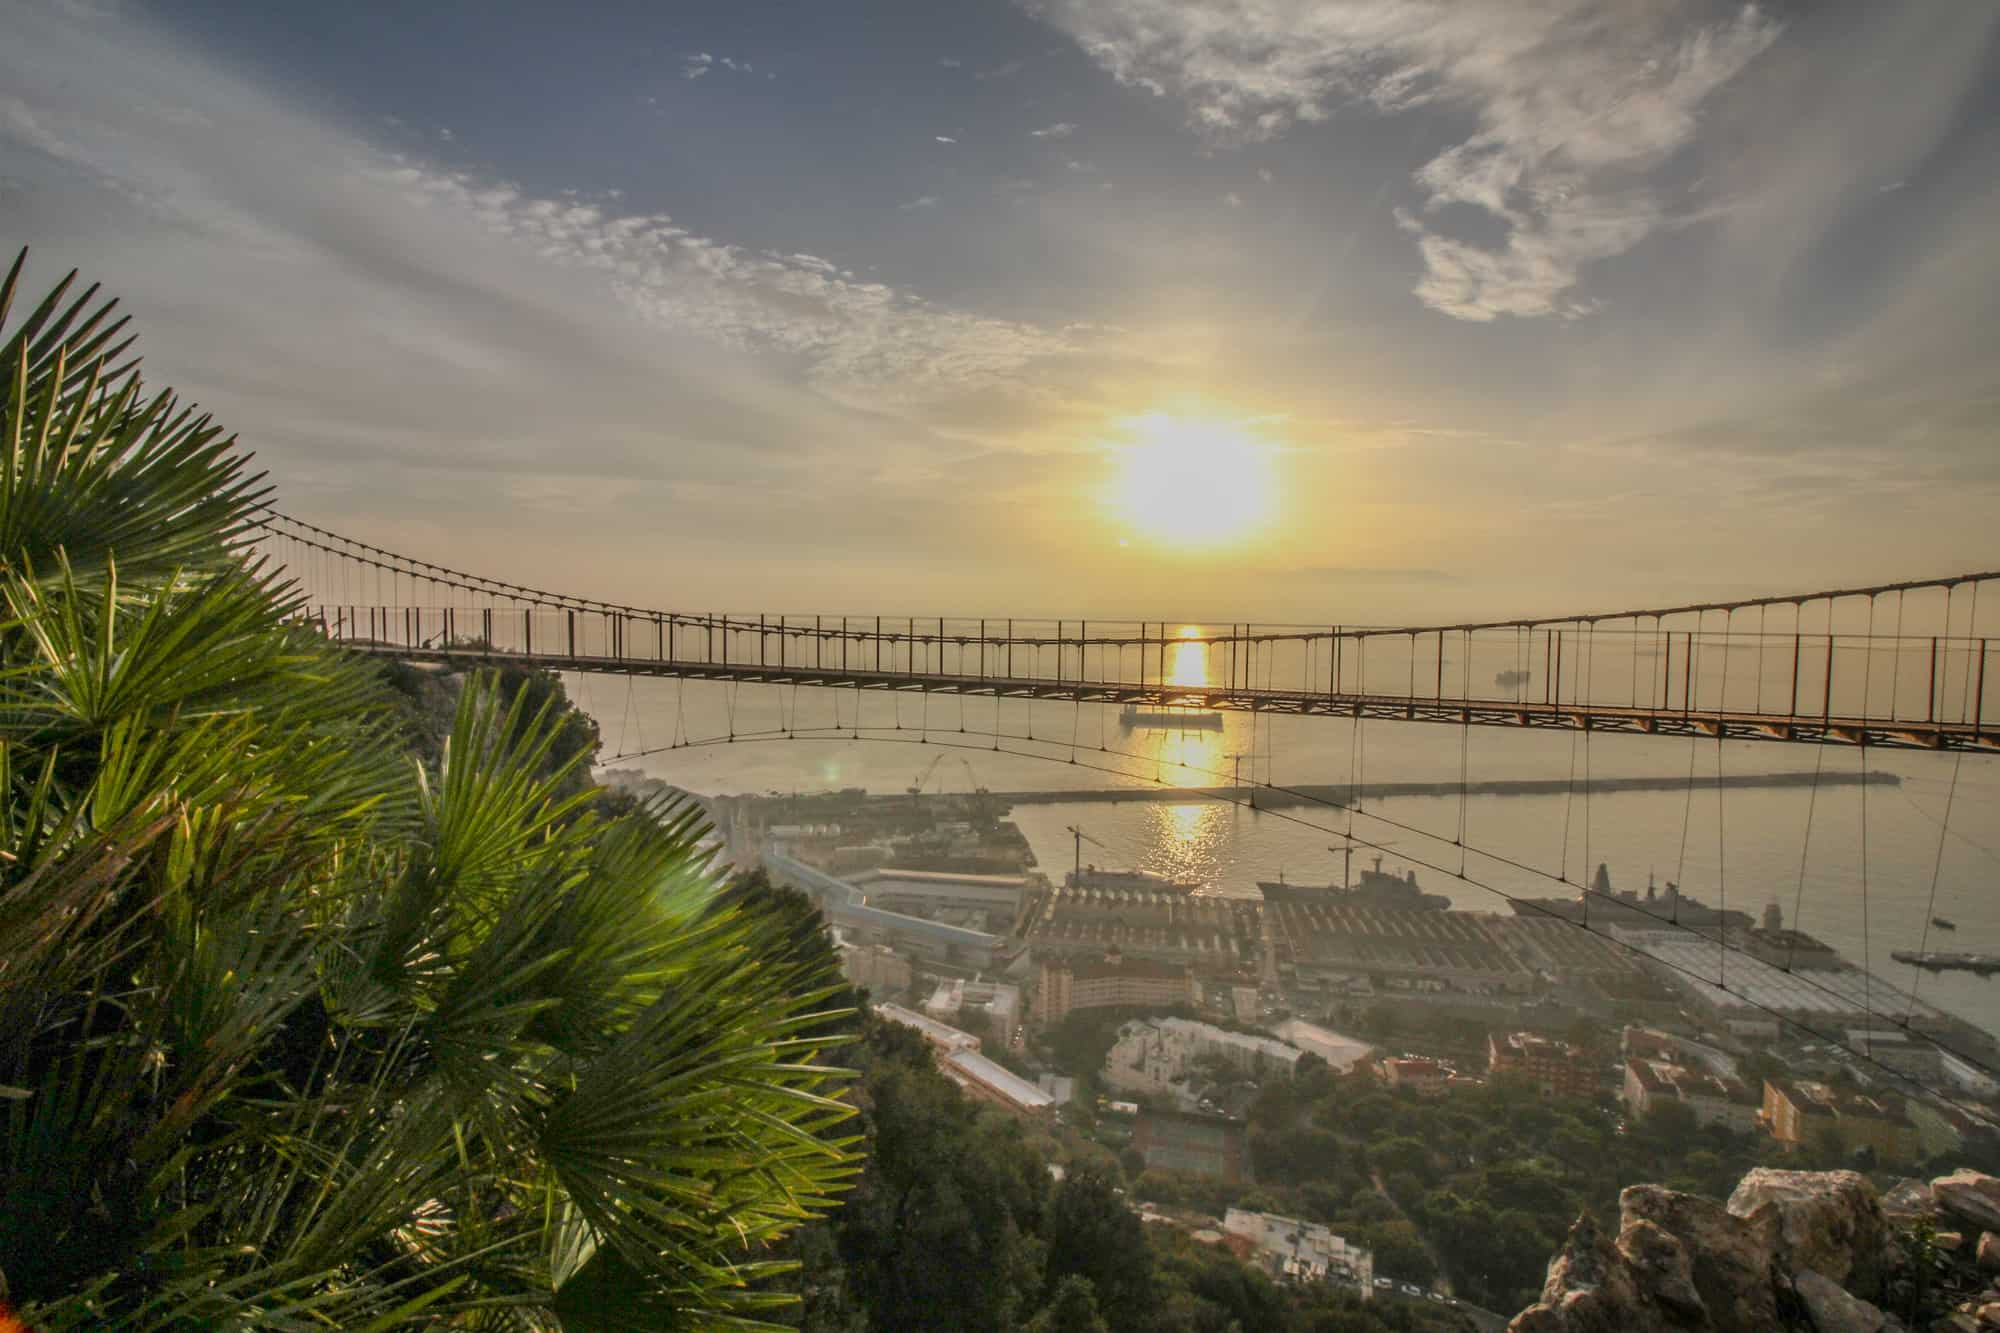 Hängebrücke von vorn